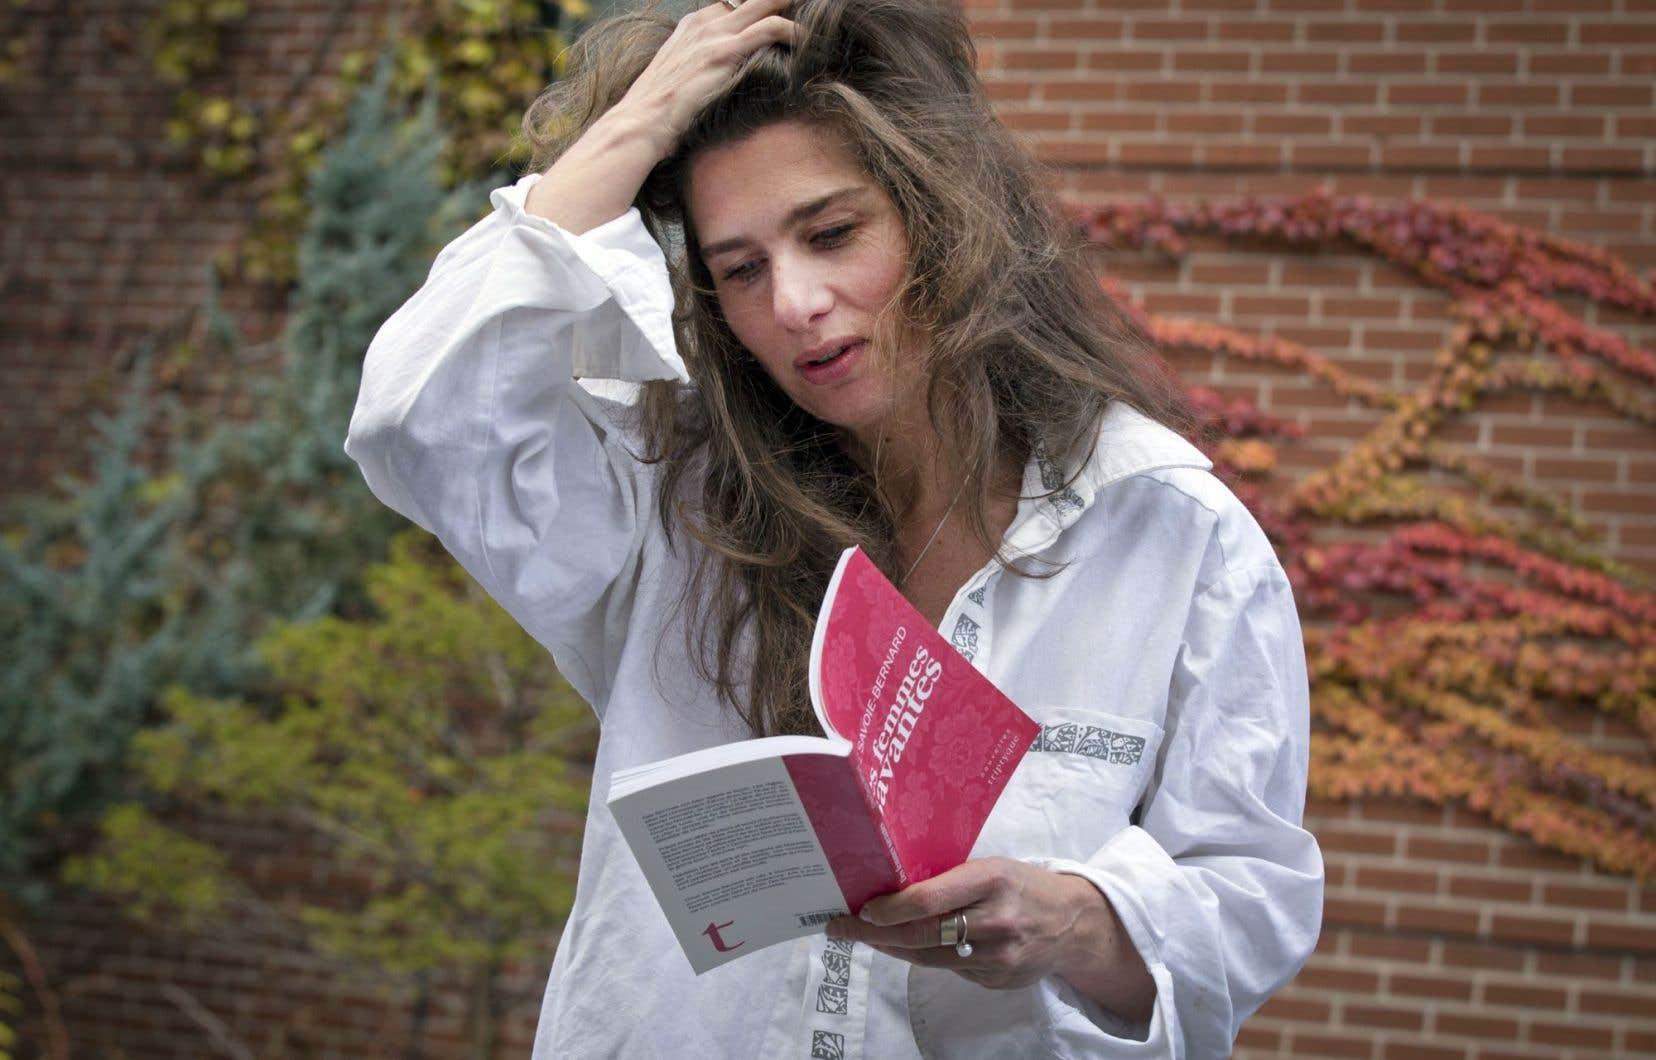 Lire, dehors, dedans, à voix haute, en silence, seul ou avec d'autres, pour s'évader, comprendre, apprendre, oublier ou se mettre en danger.